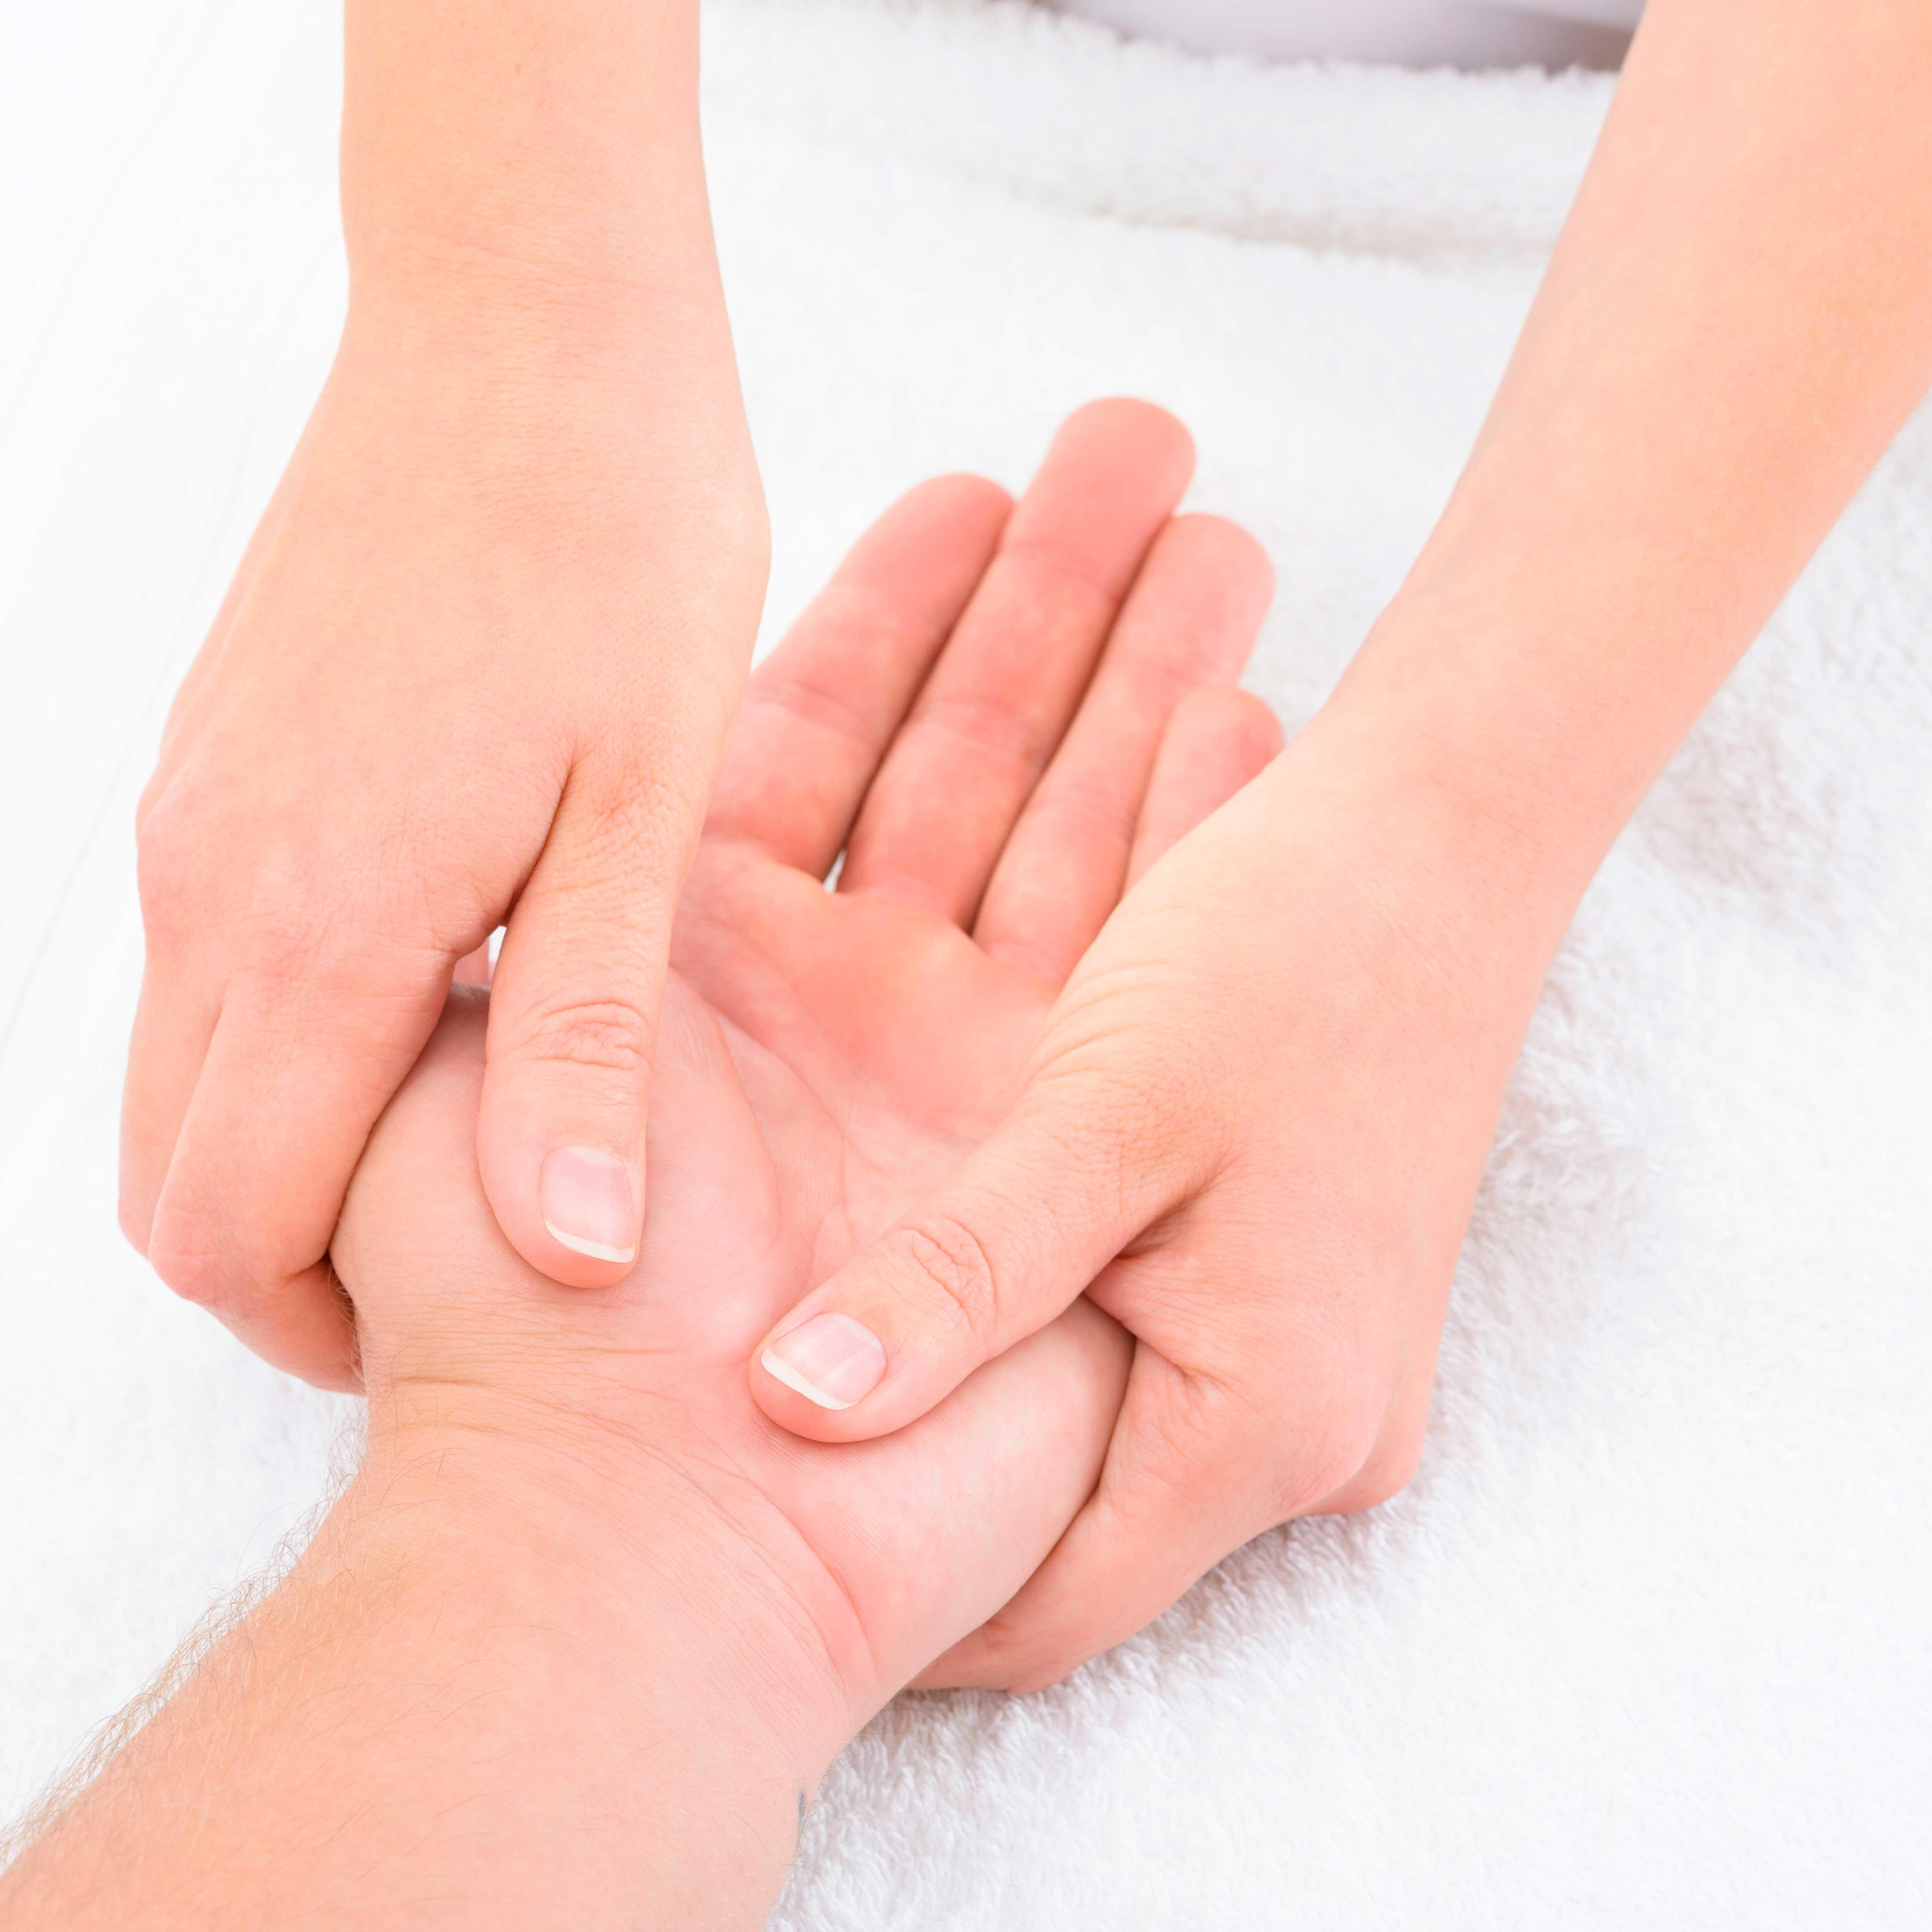 fysiotherapie-gorecht-hoogezand-handtherapie